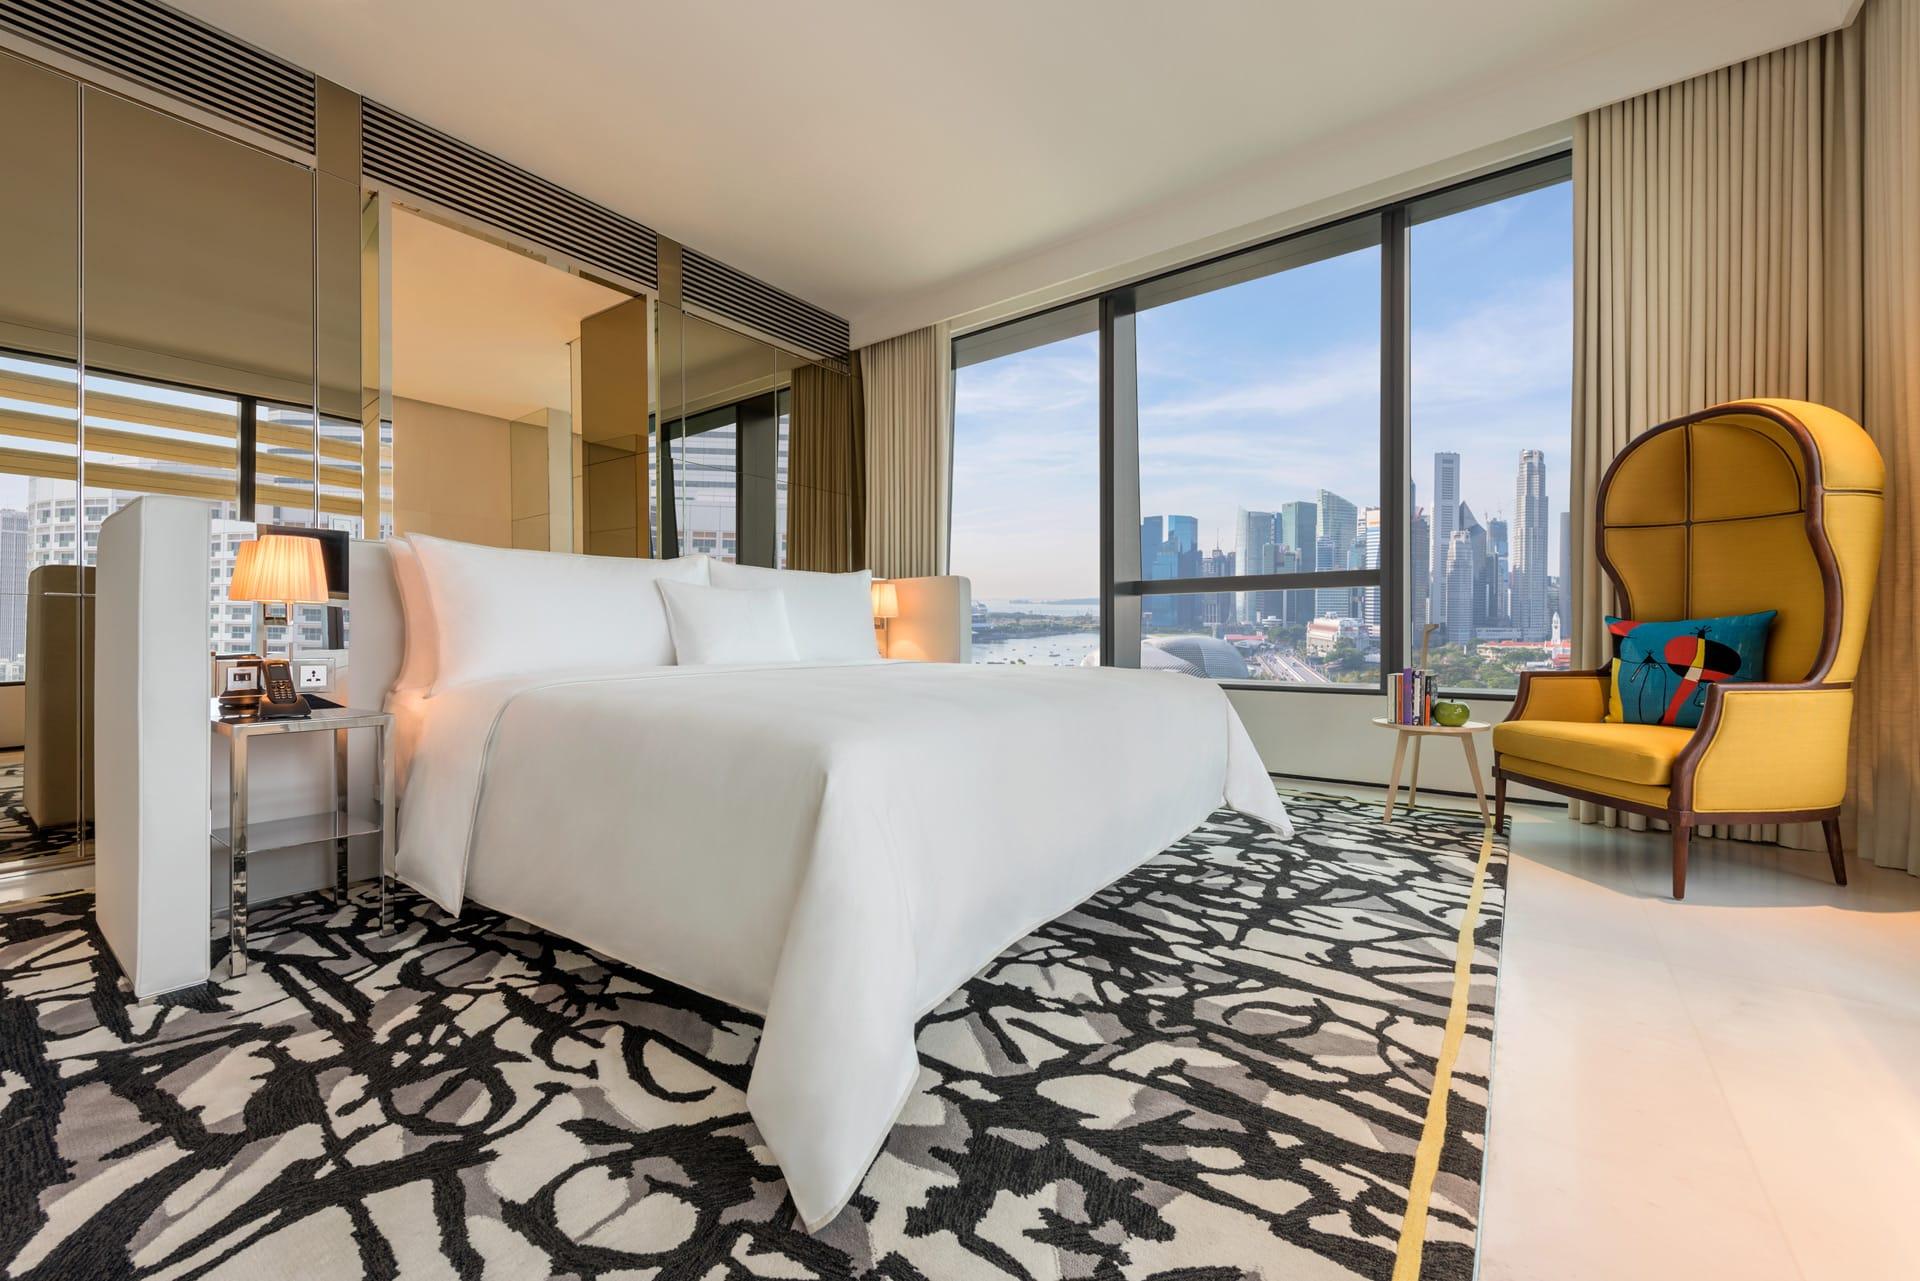 ScottAWoodward_LuxuryLifestyle(Hotels+Resorts)_022